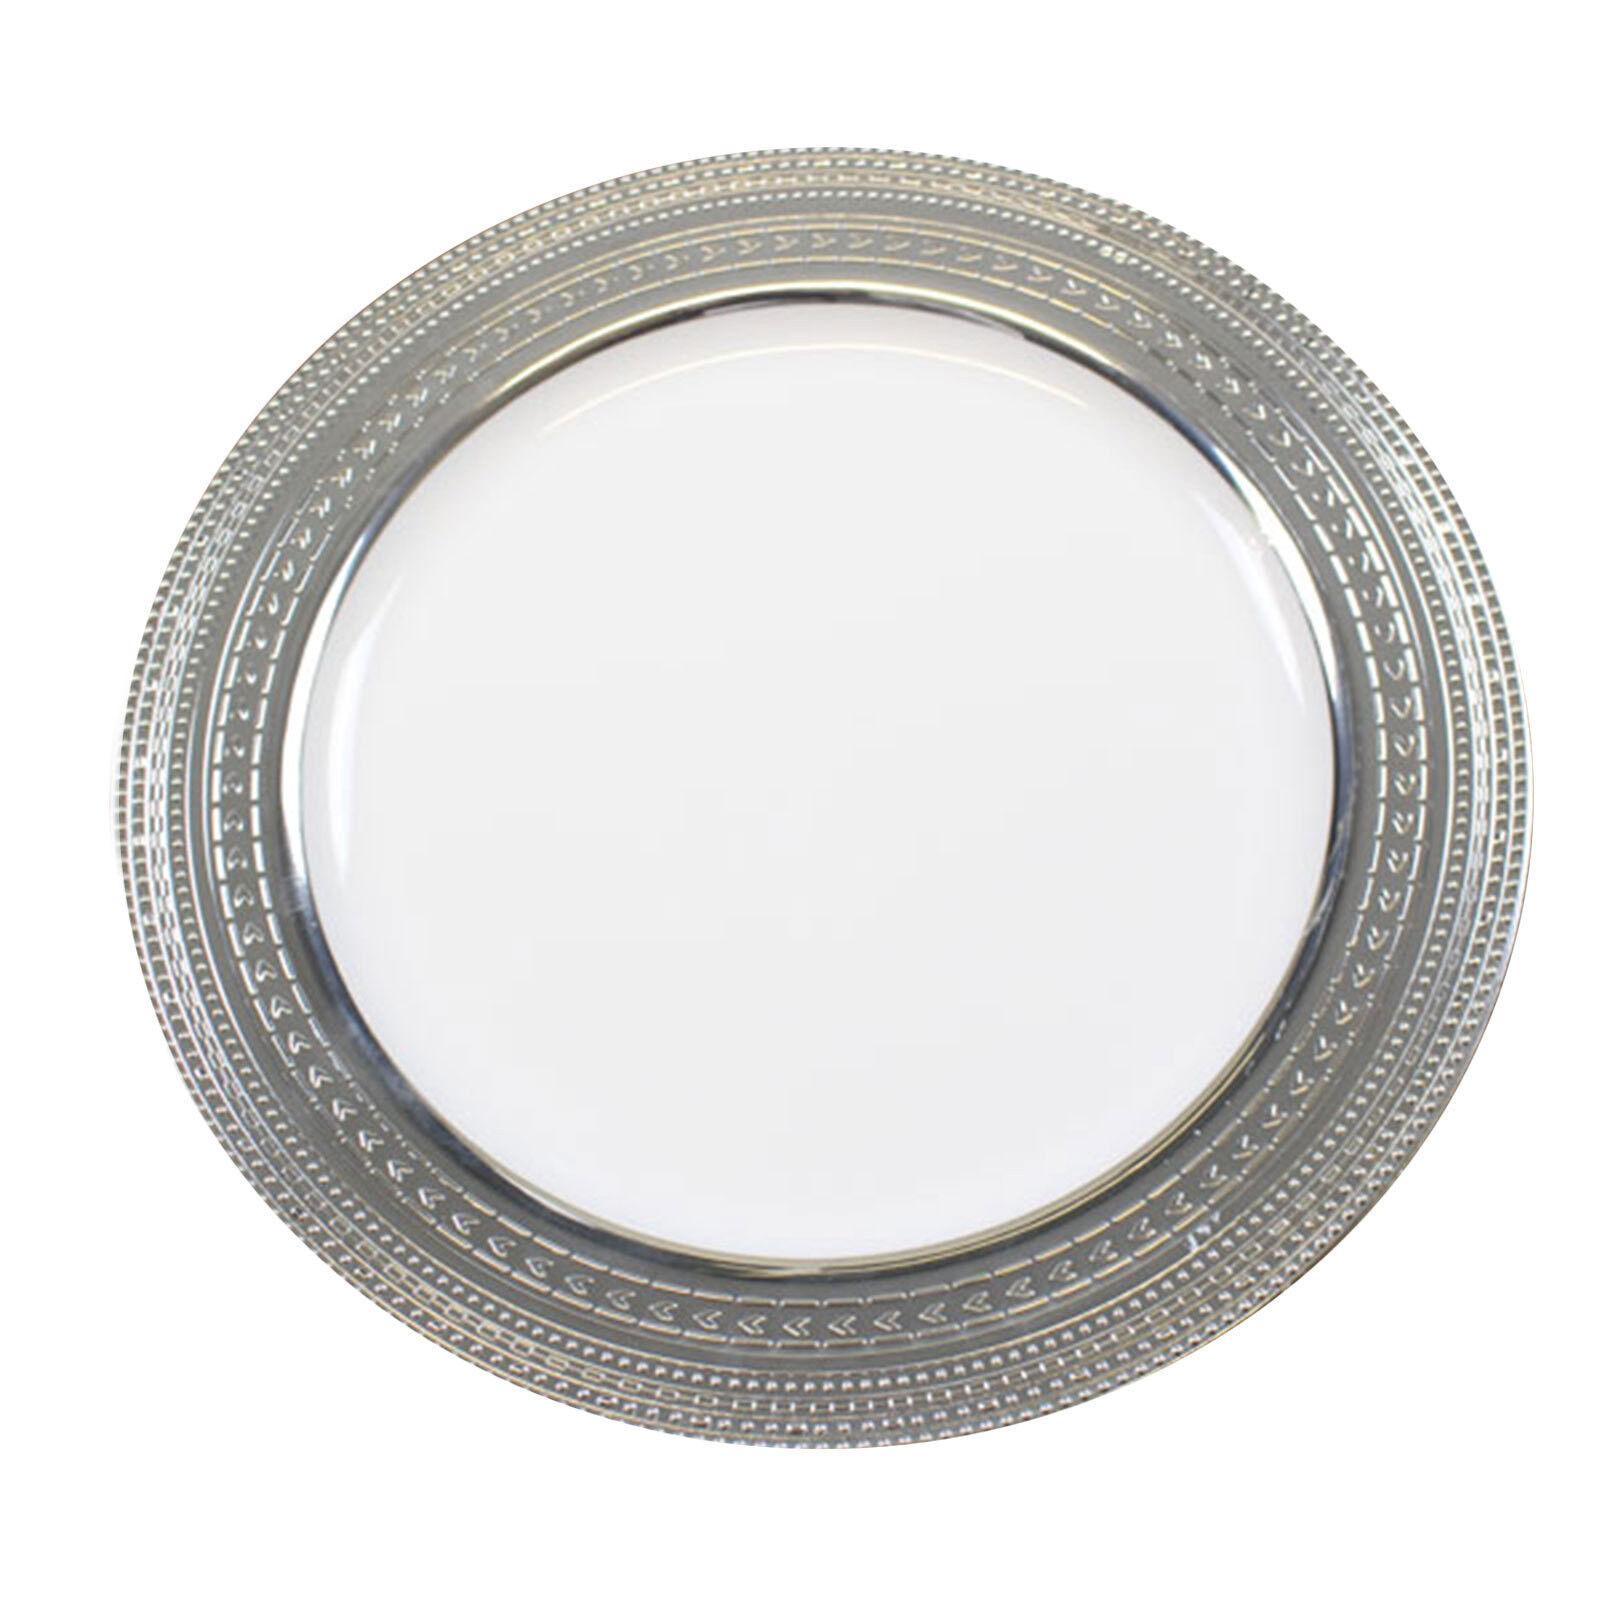 120 x 9    23cm weiß silber Rand starkes Einweg Plastik Essteller - Hochzeit | ein guter Ruf in der Welt  | Modernes Design